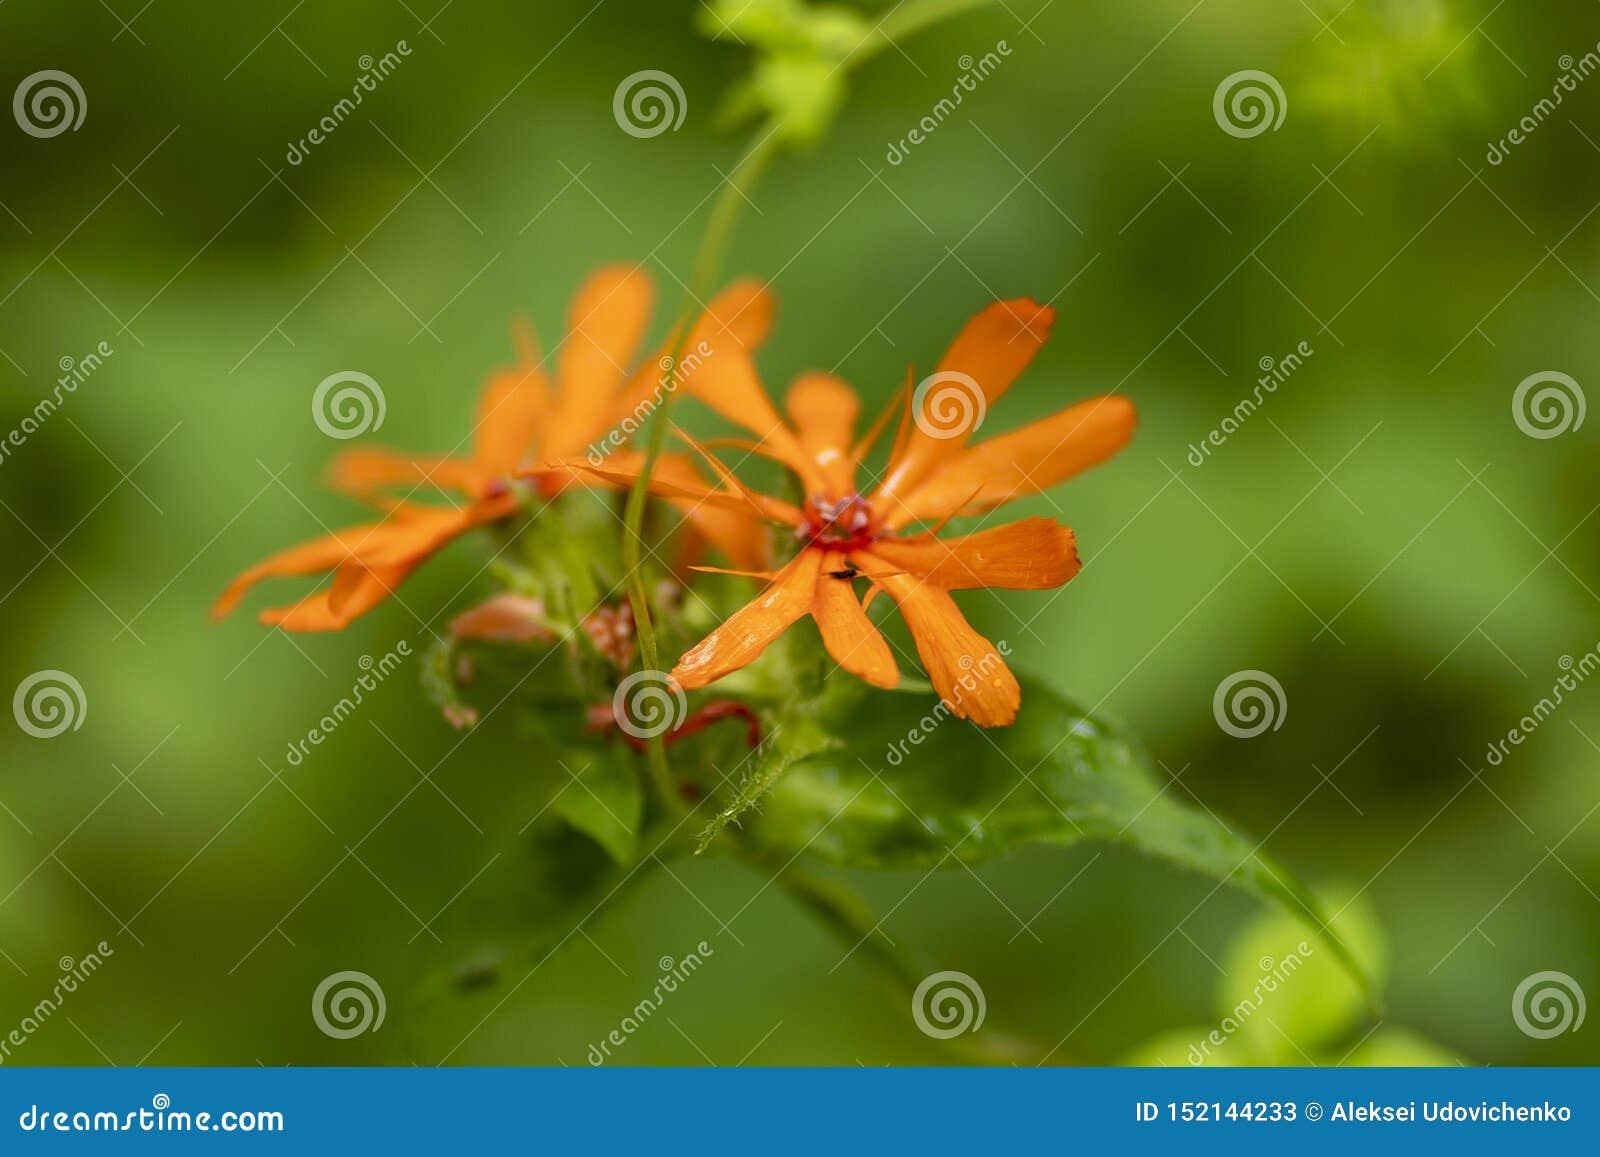 Μακρο πυροβολισμός του πορτοκαλιού λουλουδιού στη μαλακή εστίαση